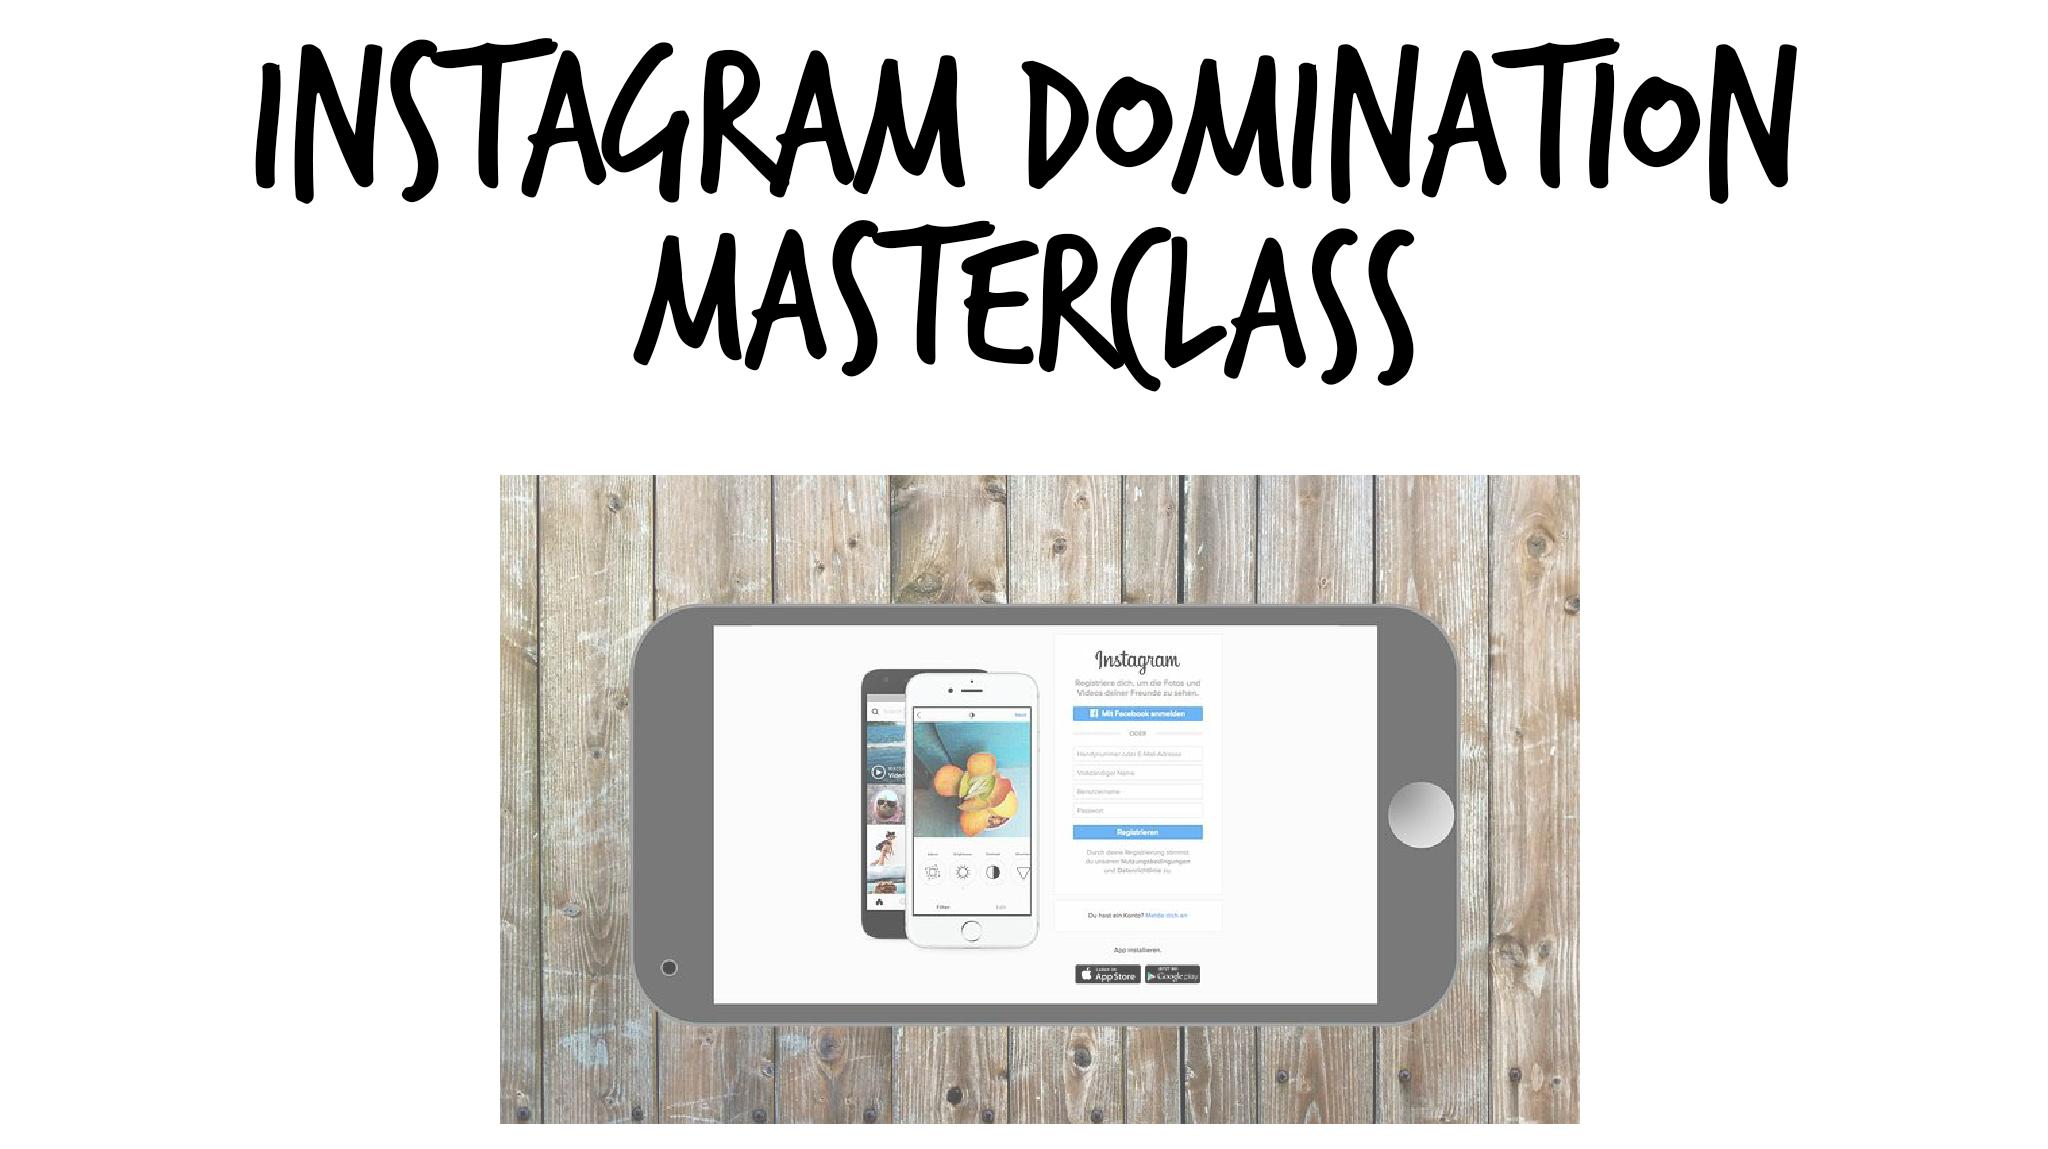 Instagram Domination